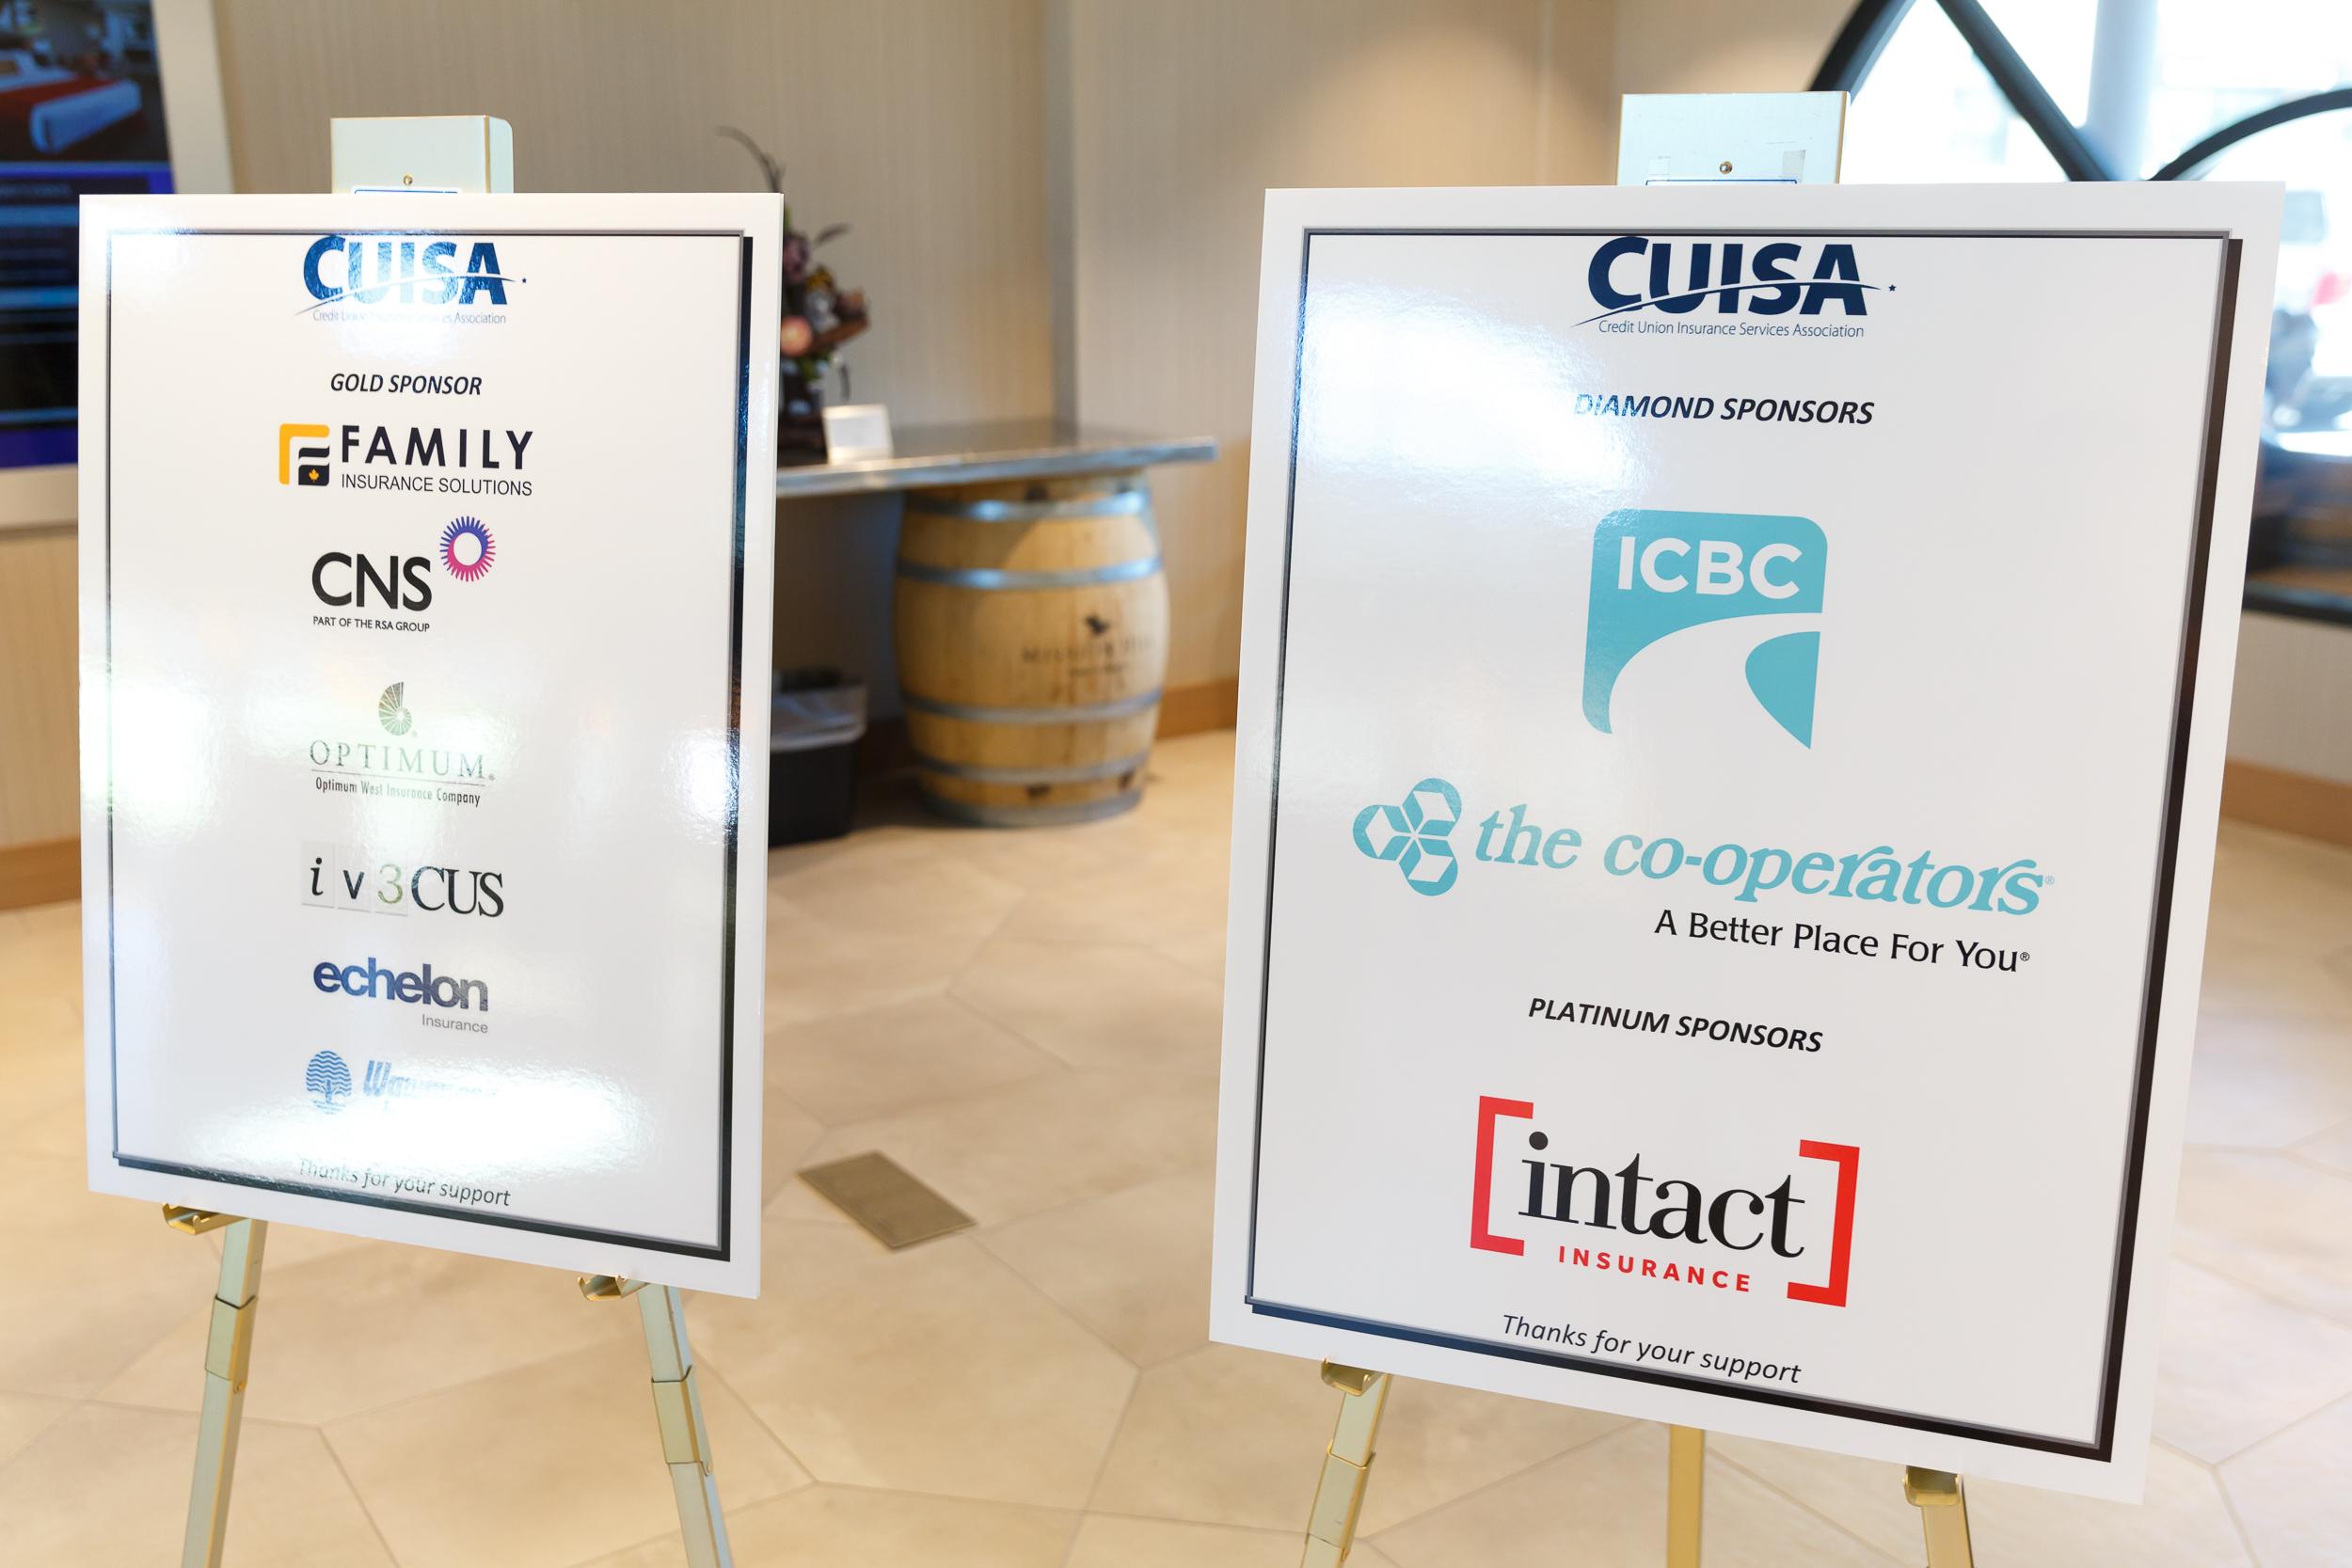 CUISA-conference-Kelowna-image1.jpg